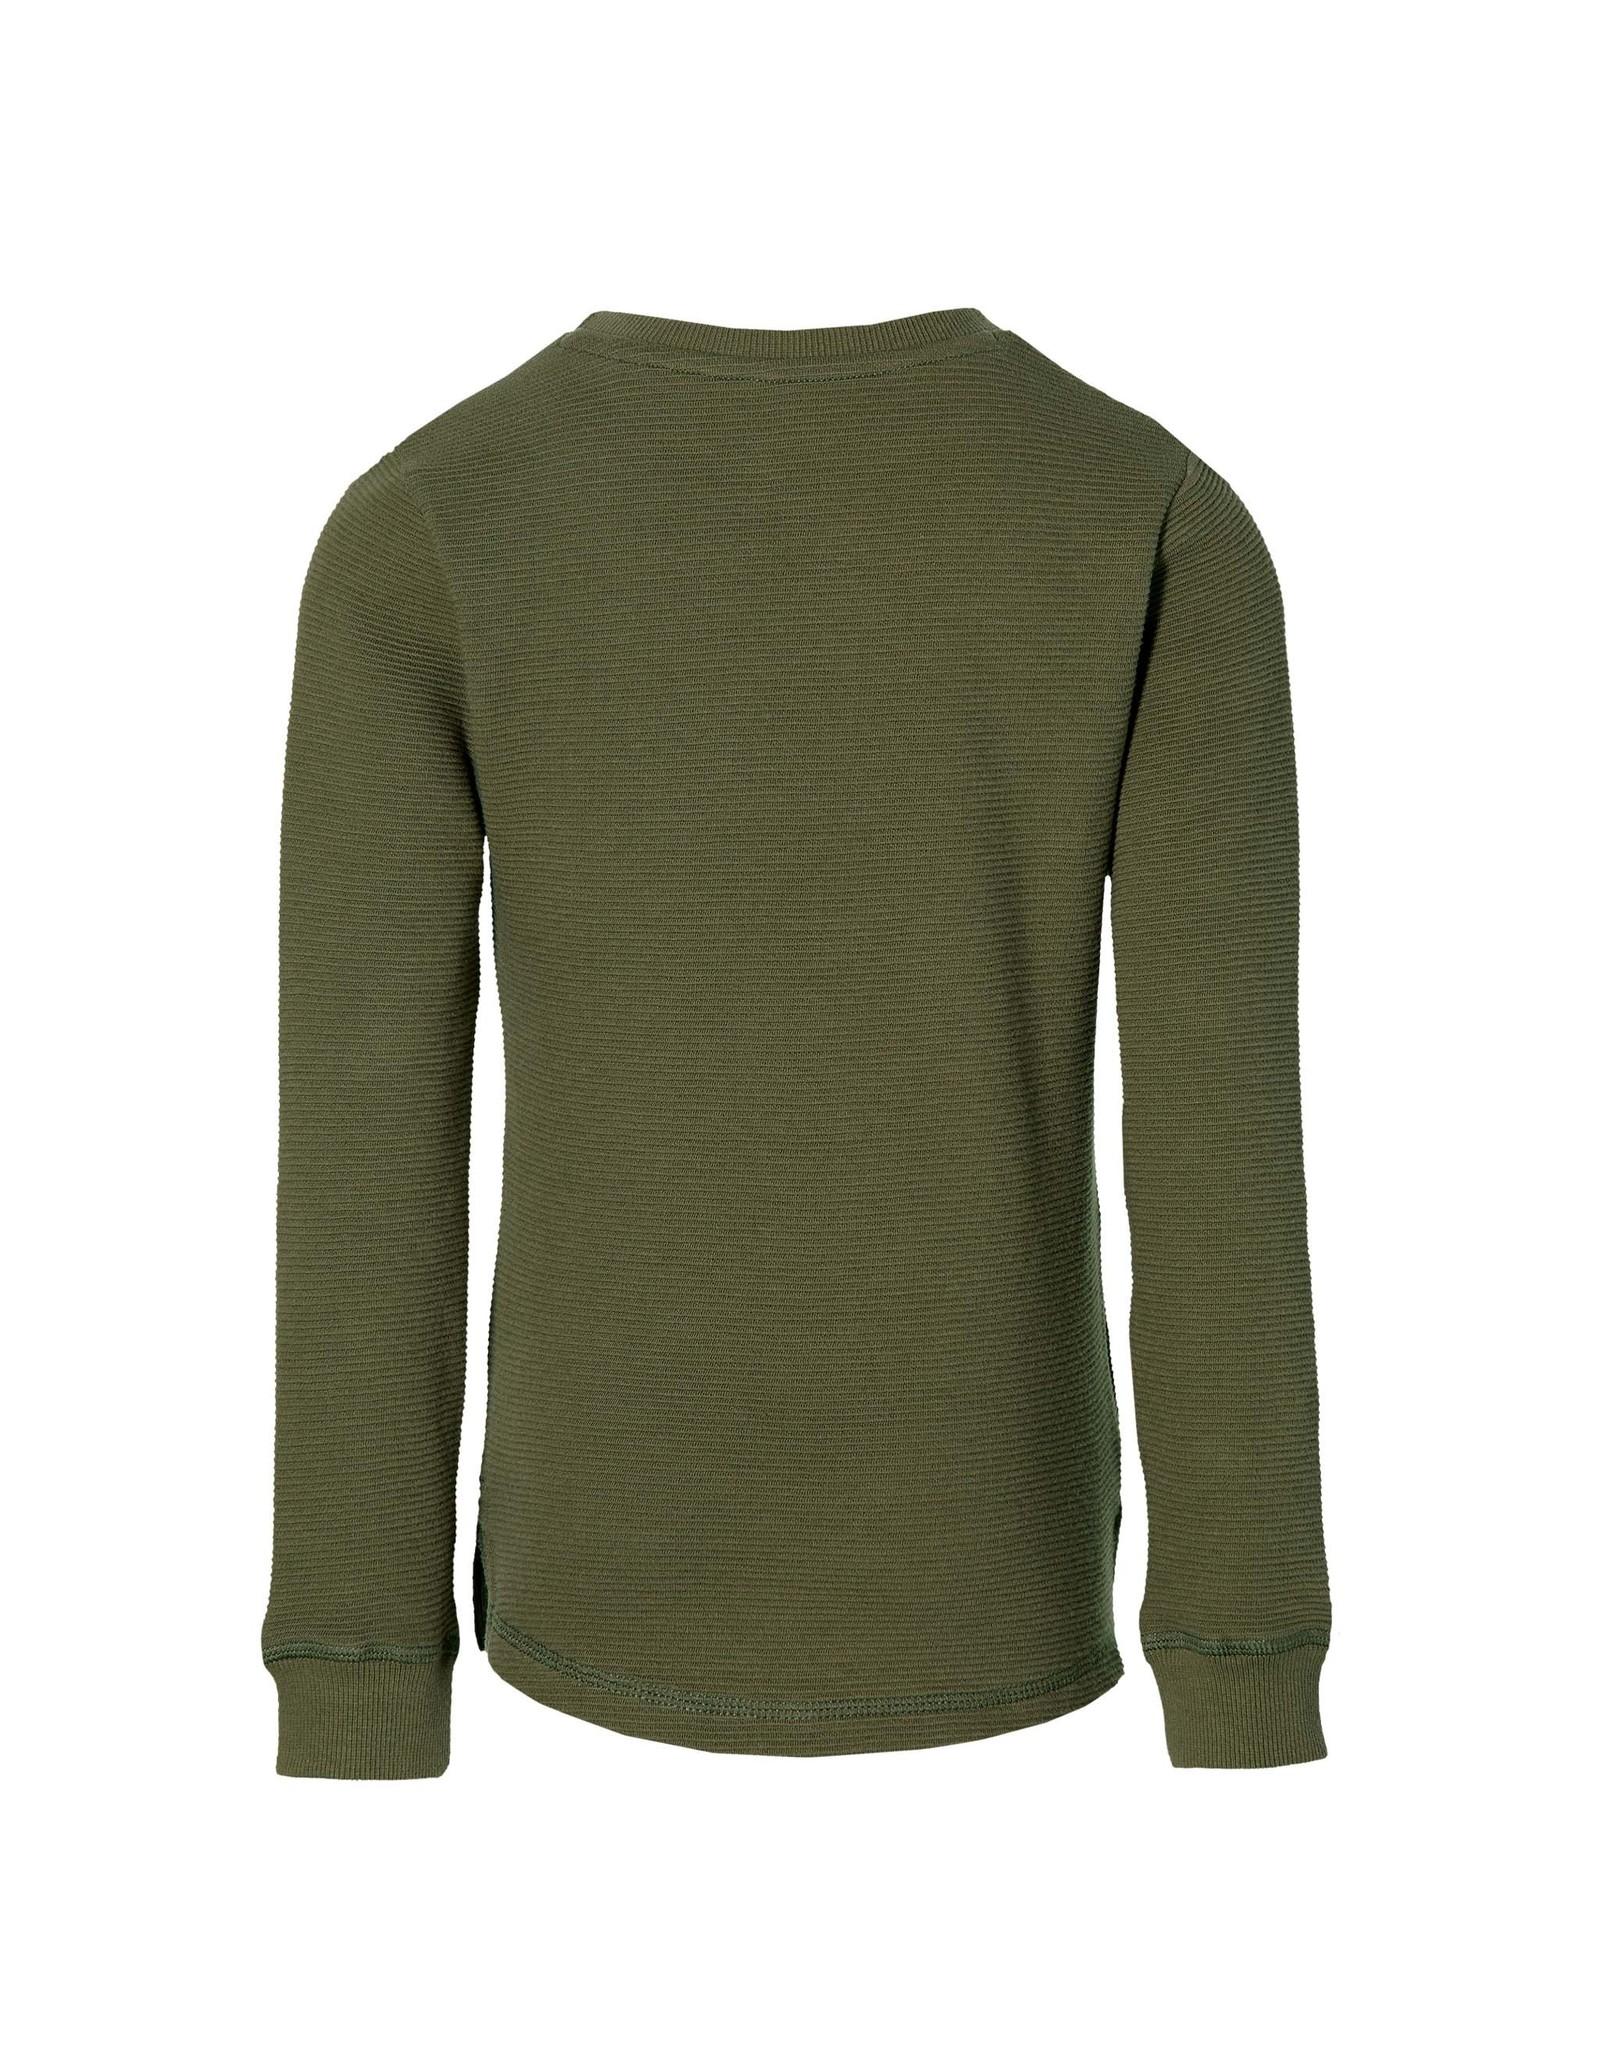 Quapi Quapi jongens sweater Ferran Olive